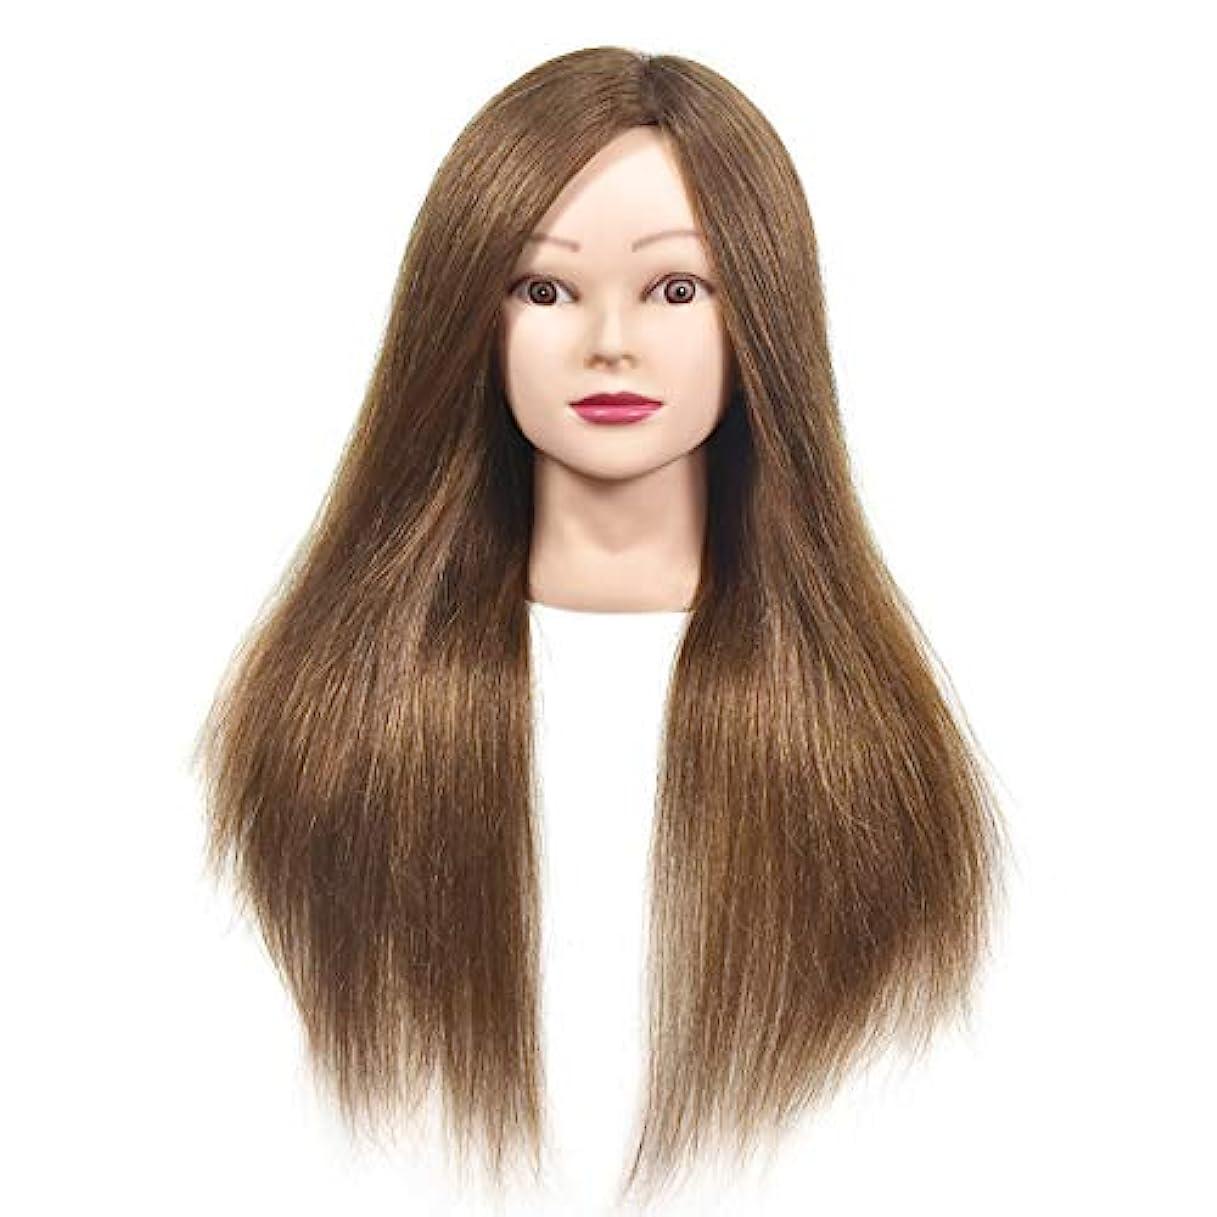 男トランペット状態本物の人間の髪のかつらの頭の金型の頭の編み出しスタイリングのマネキン頭の理髪店の練習の教師のダミーヘッド